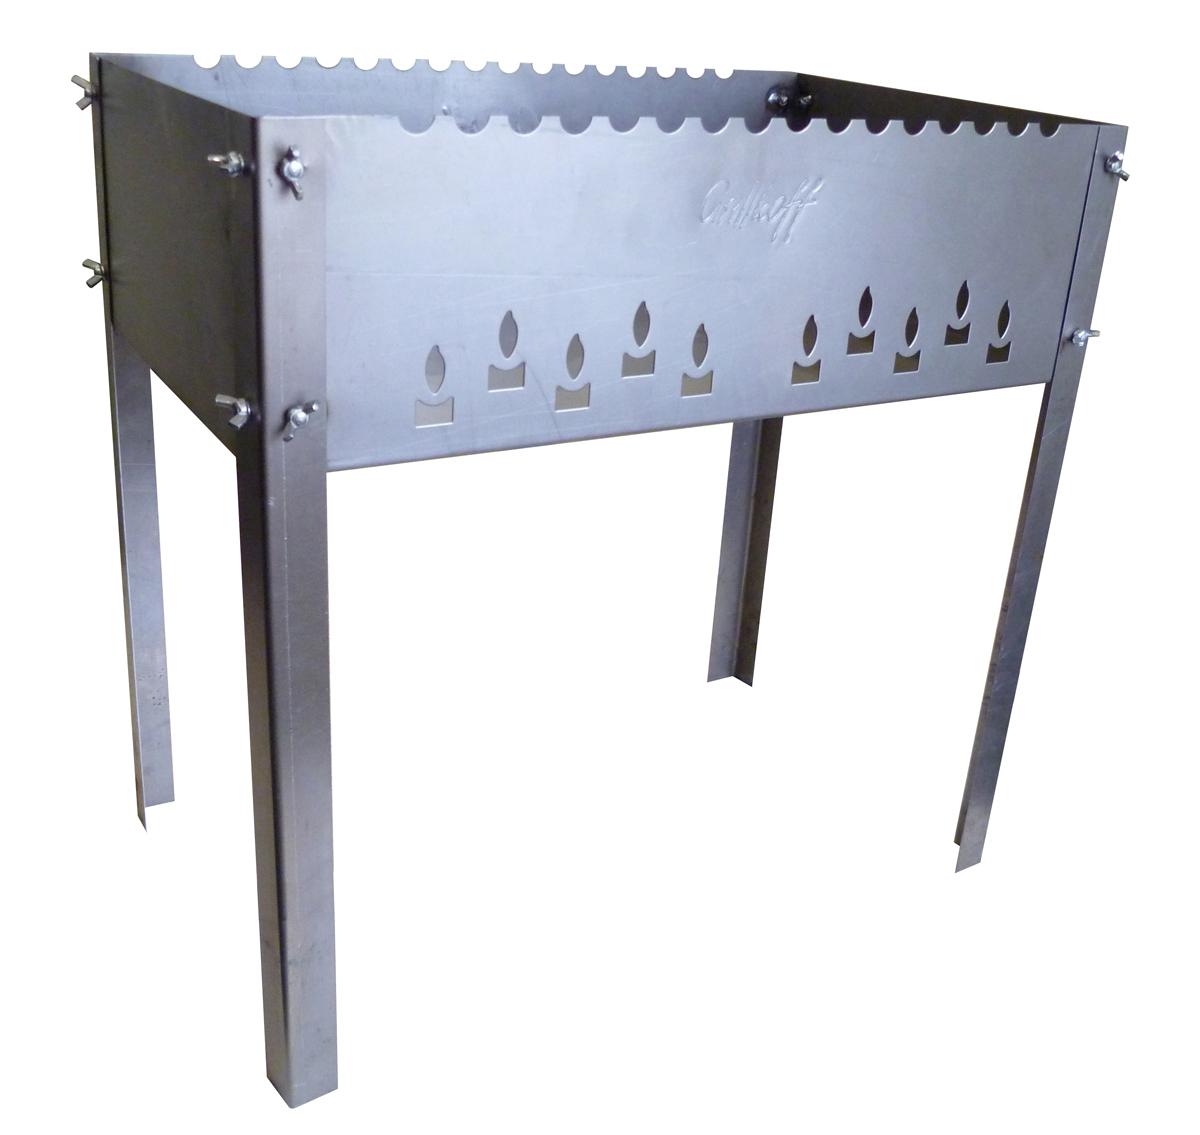 Мангал Grillkoff Max, с 6 шампурами, 50 х 30 х 50 смХот ШейперсМангал Grillkoff Max выполнен из высококачественной стали. С барашками, с волной. Мангал без усилий собирается для применения. Конструкция позволяет с комфортом готовить на мангале.В комплекте 6 шампуров, выполненных из нержавеющей стали.Размер мангала (с учетом ножек): 50 х 30 х 50 см.Глубина мангала: 14,5 см.Толщина стали: 1,5 мм.Длина шампуров: 50 см.Толщина шампуров: 0,8 мм.